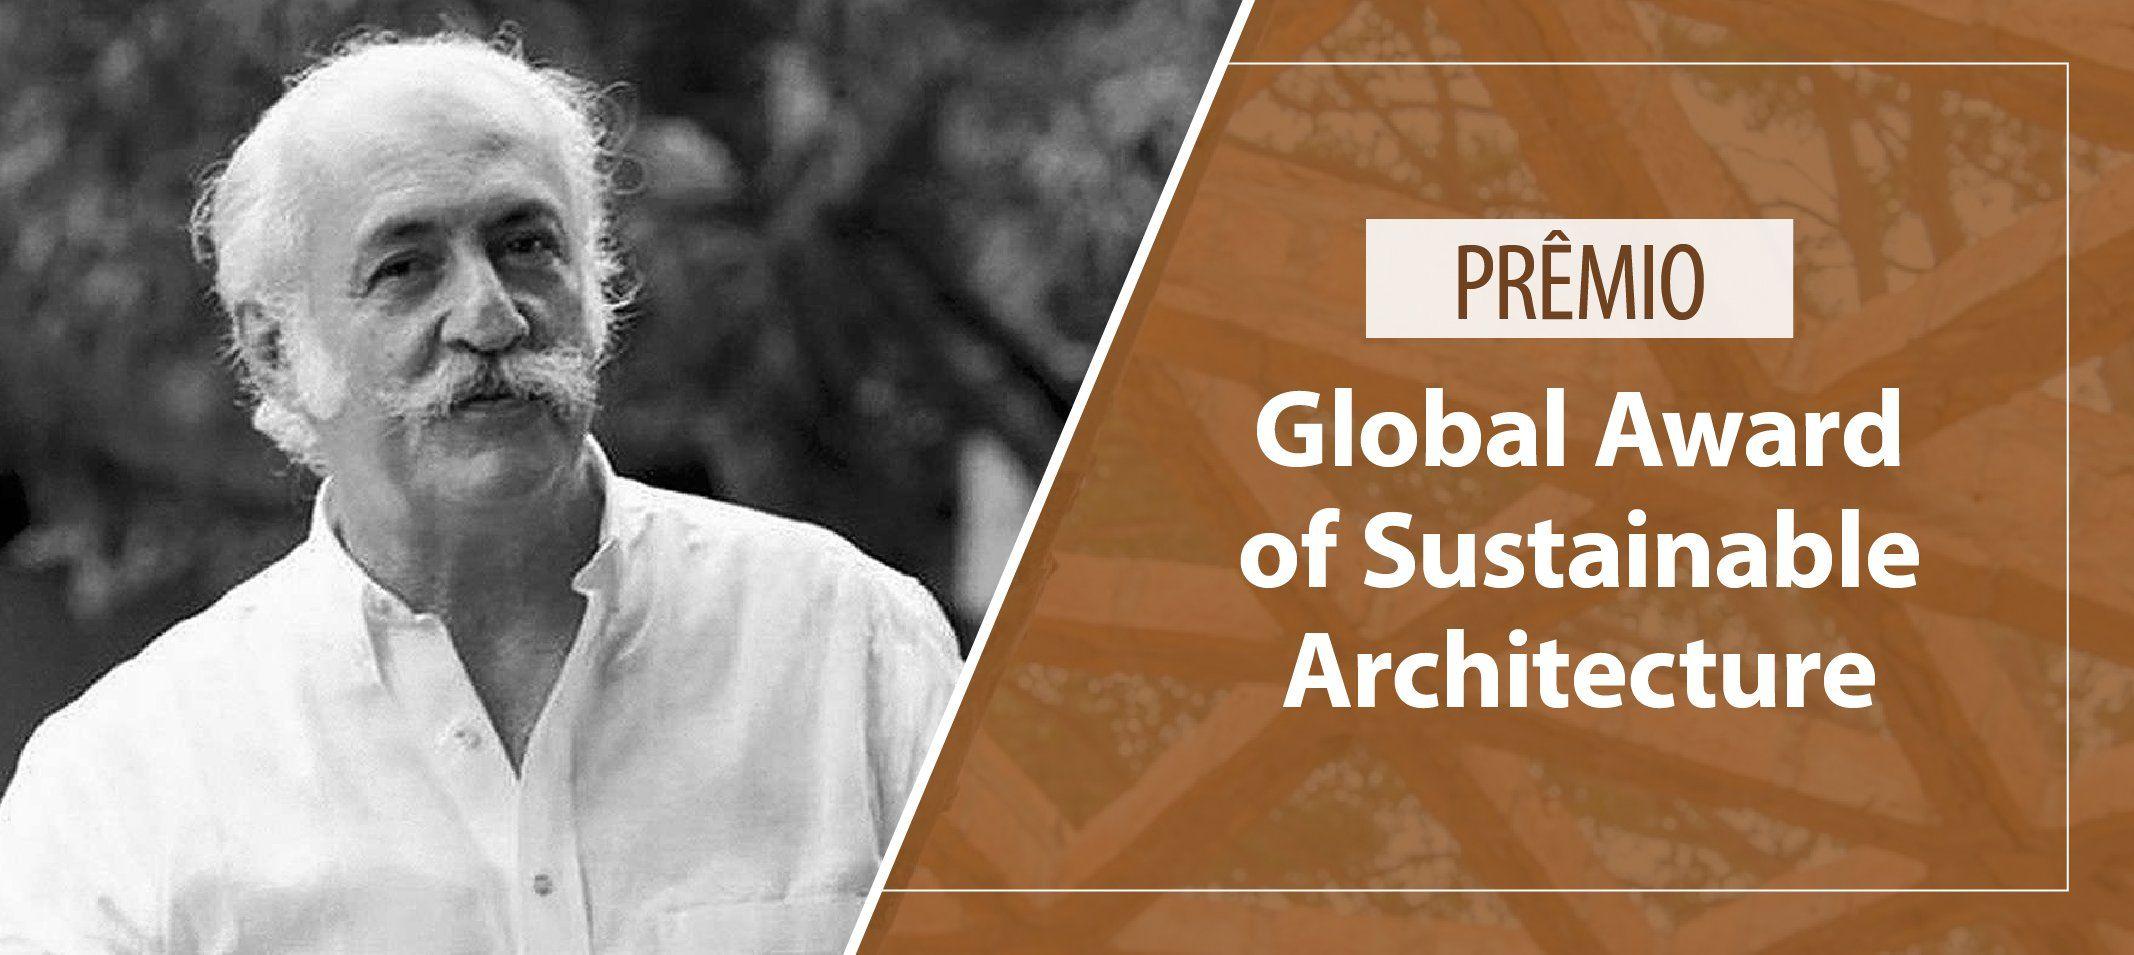 Premiação internacional reconhece a obra do arquiteto Severiano Porto